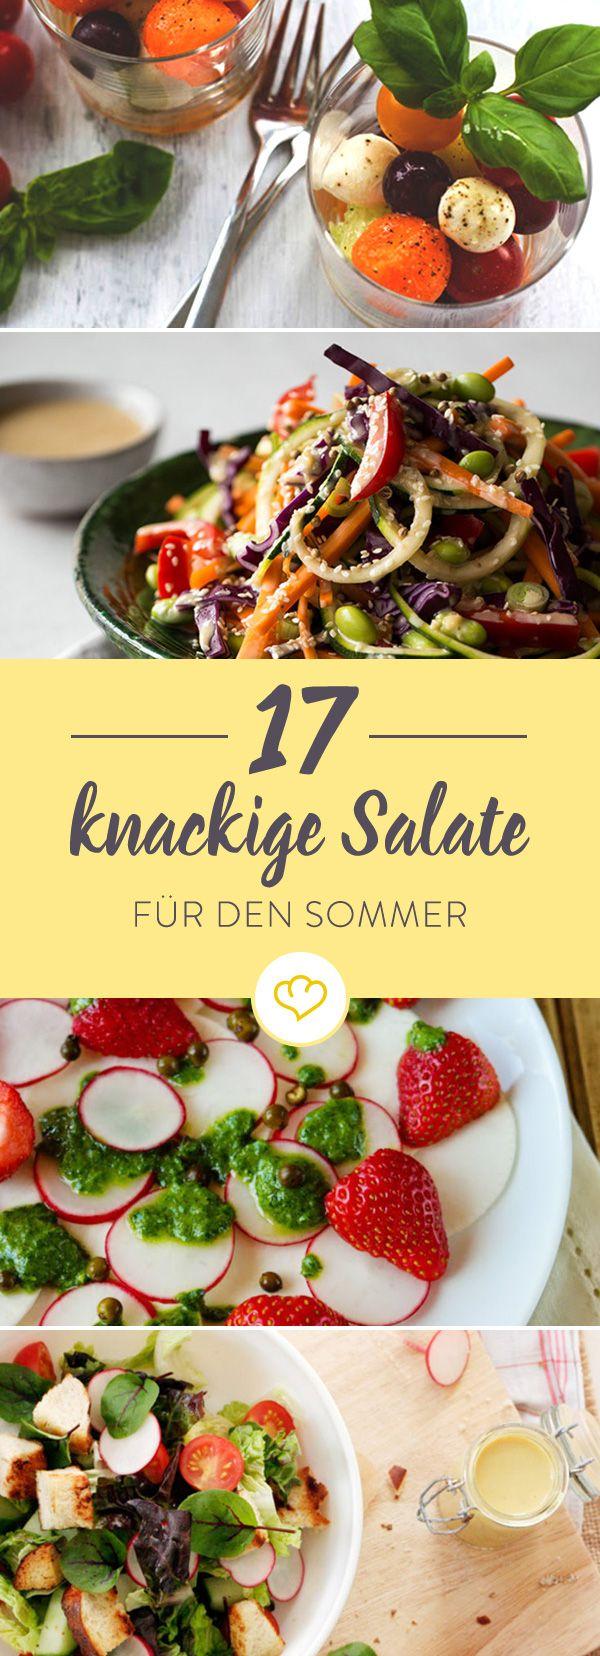 Von fruchtig bis exotisch - 15 sommerlich-leichte Salat-Rezepte, die an heißen Tagen nicht schwer im Magen liegen.